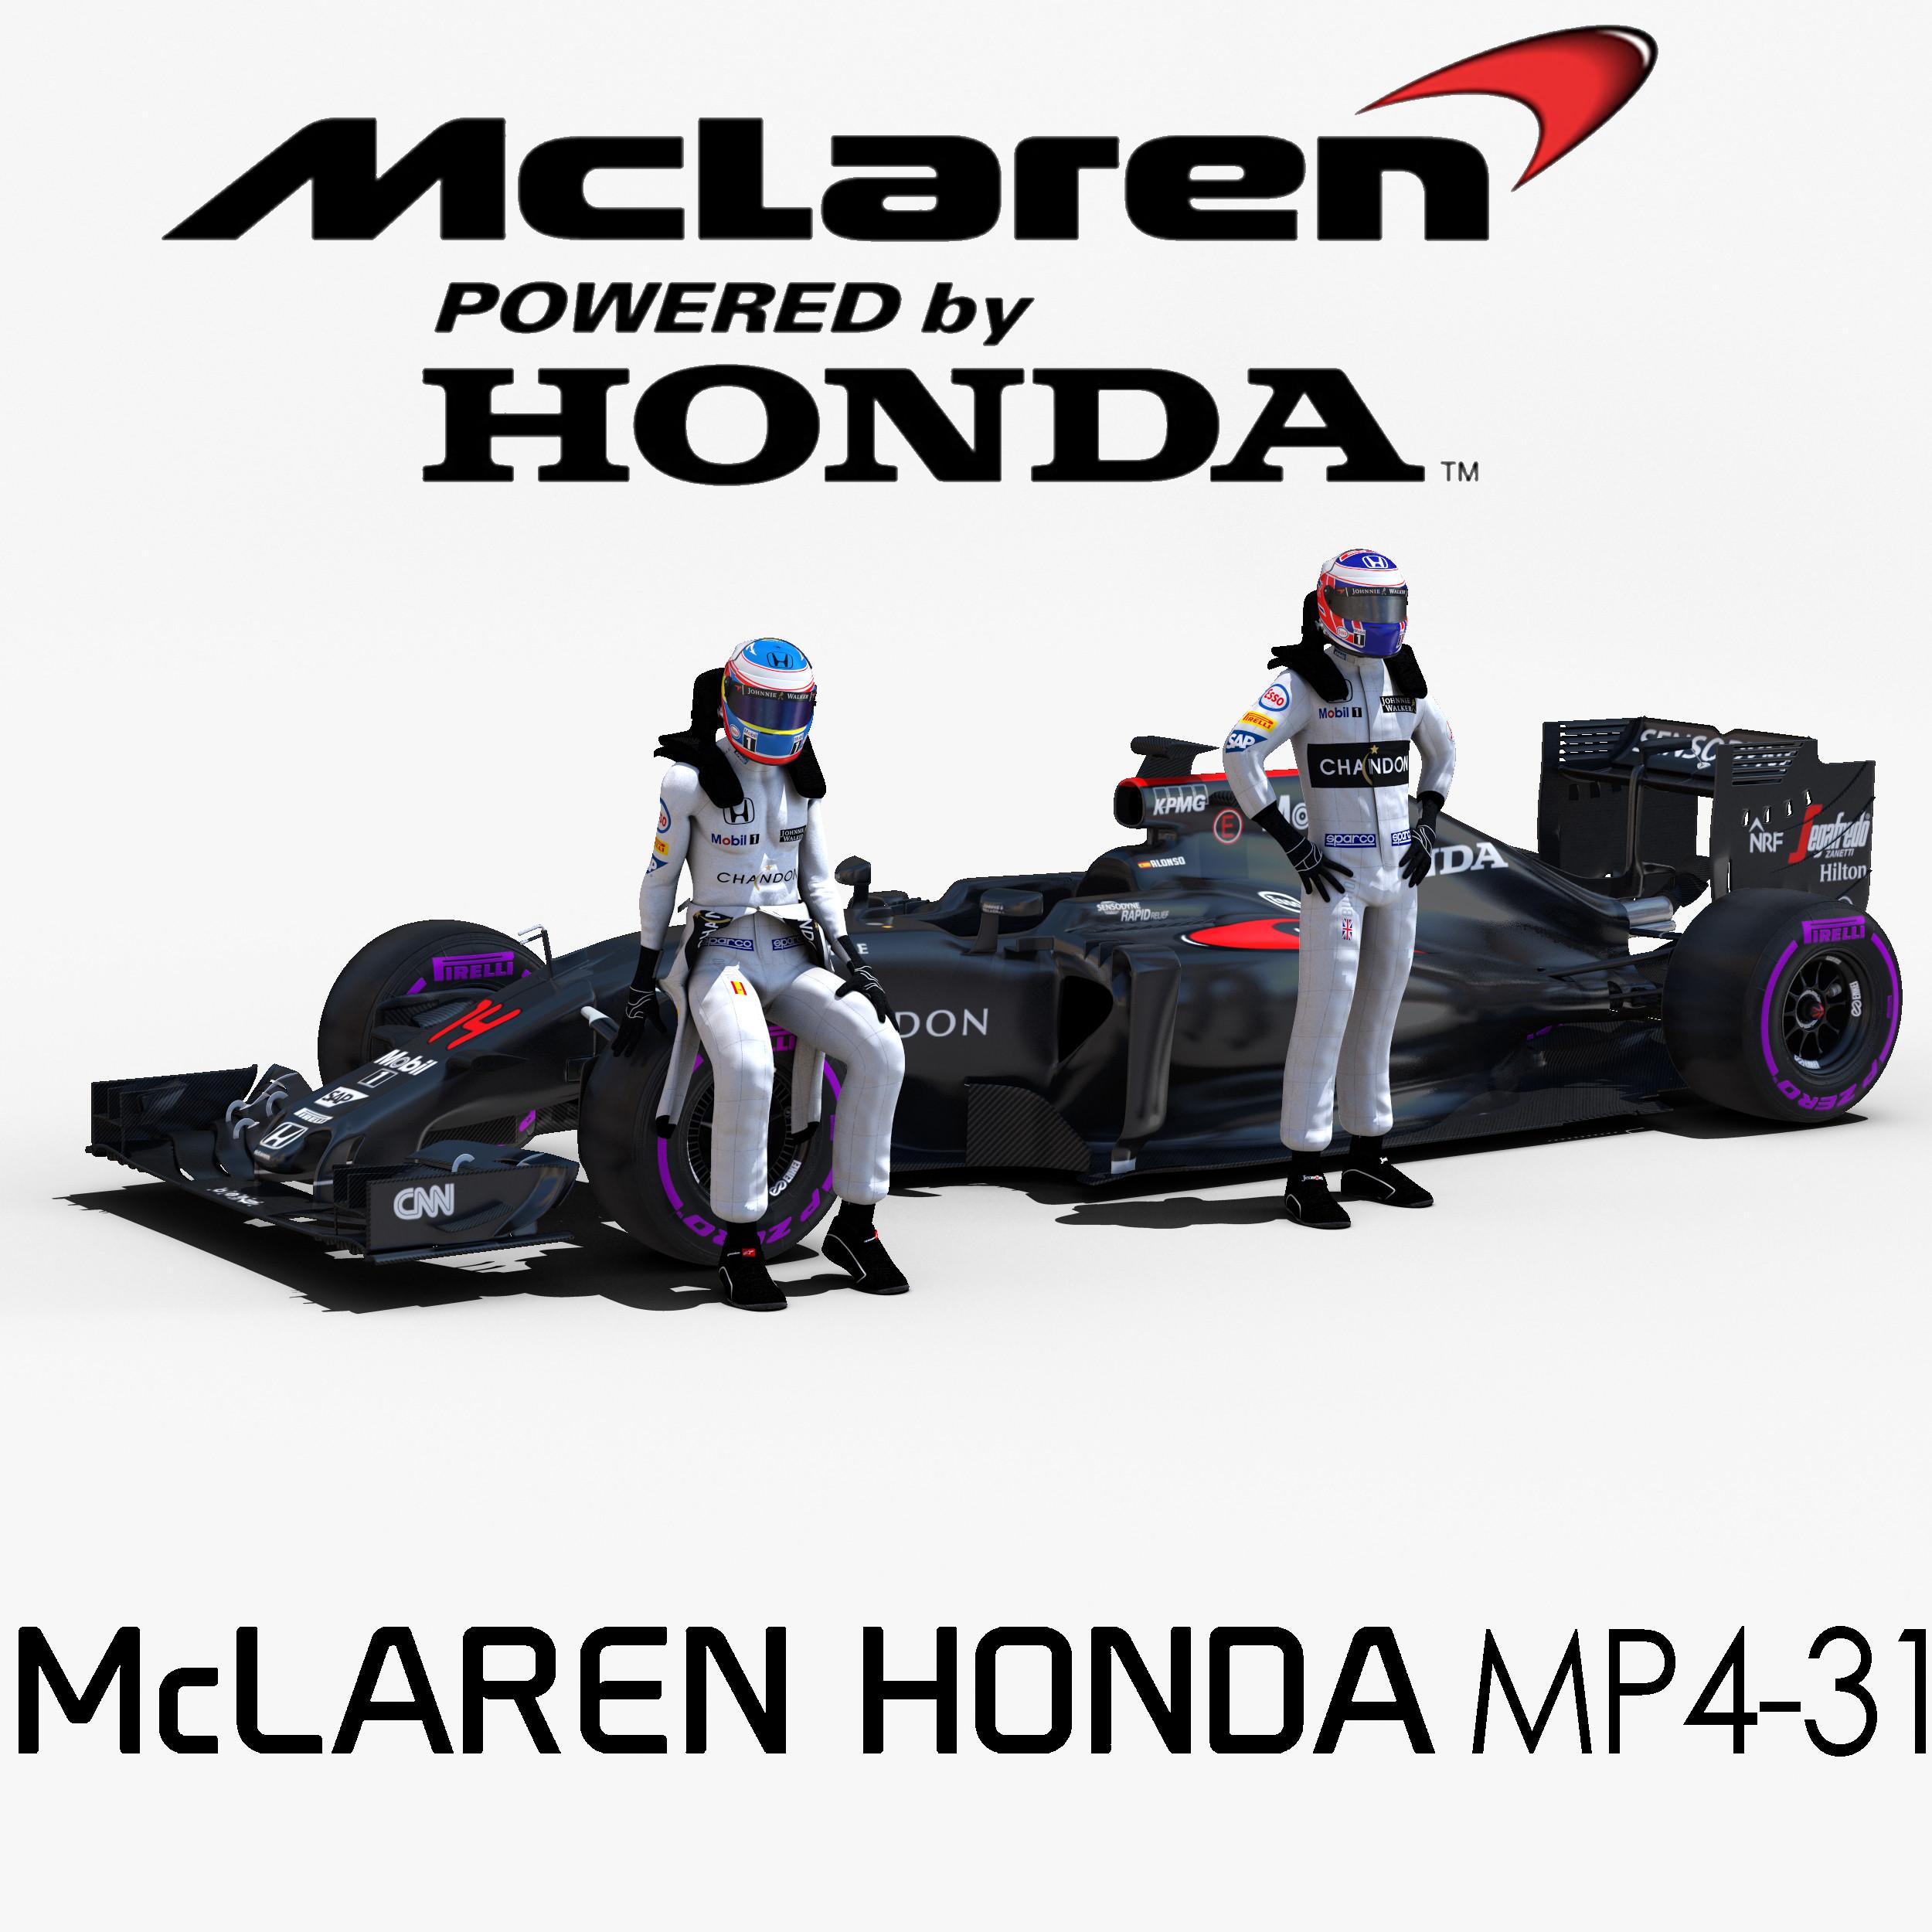 McLarenMp4-31_01.jpg